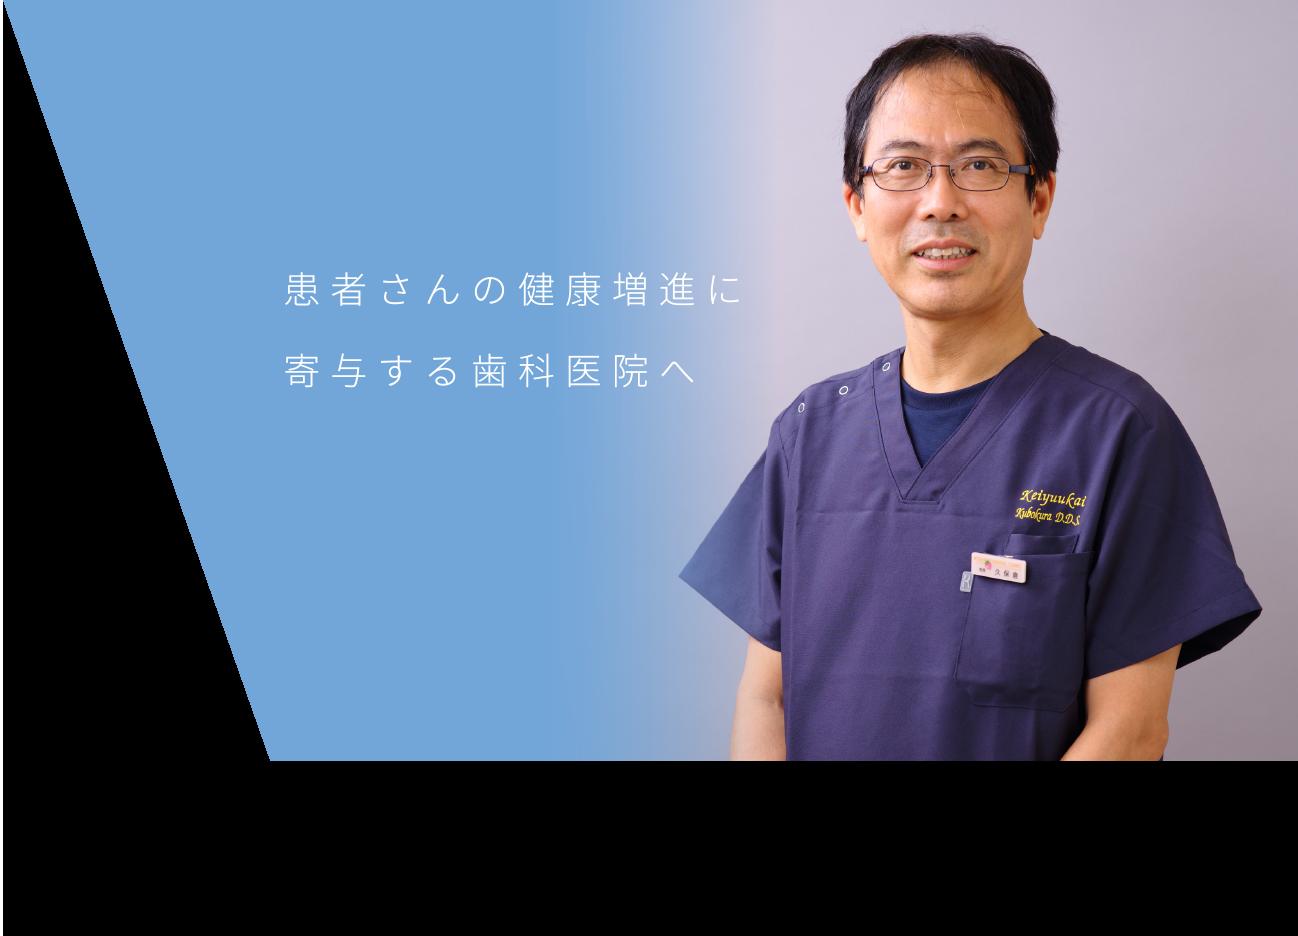 患者さんの健康増進に寄与する歯科医院へ